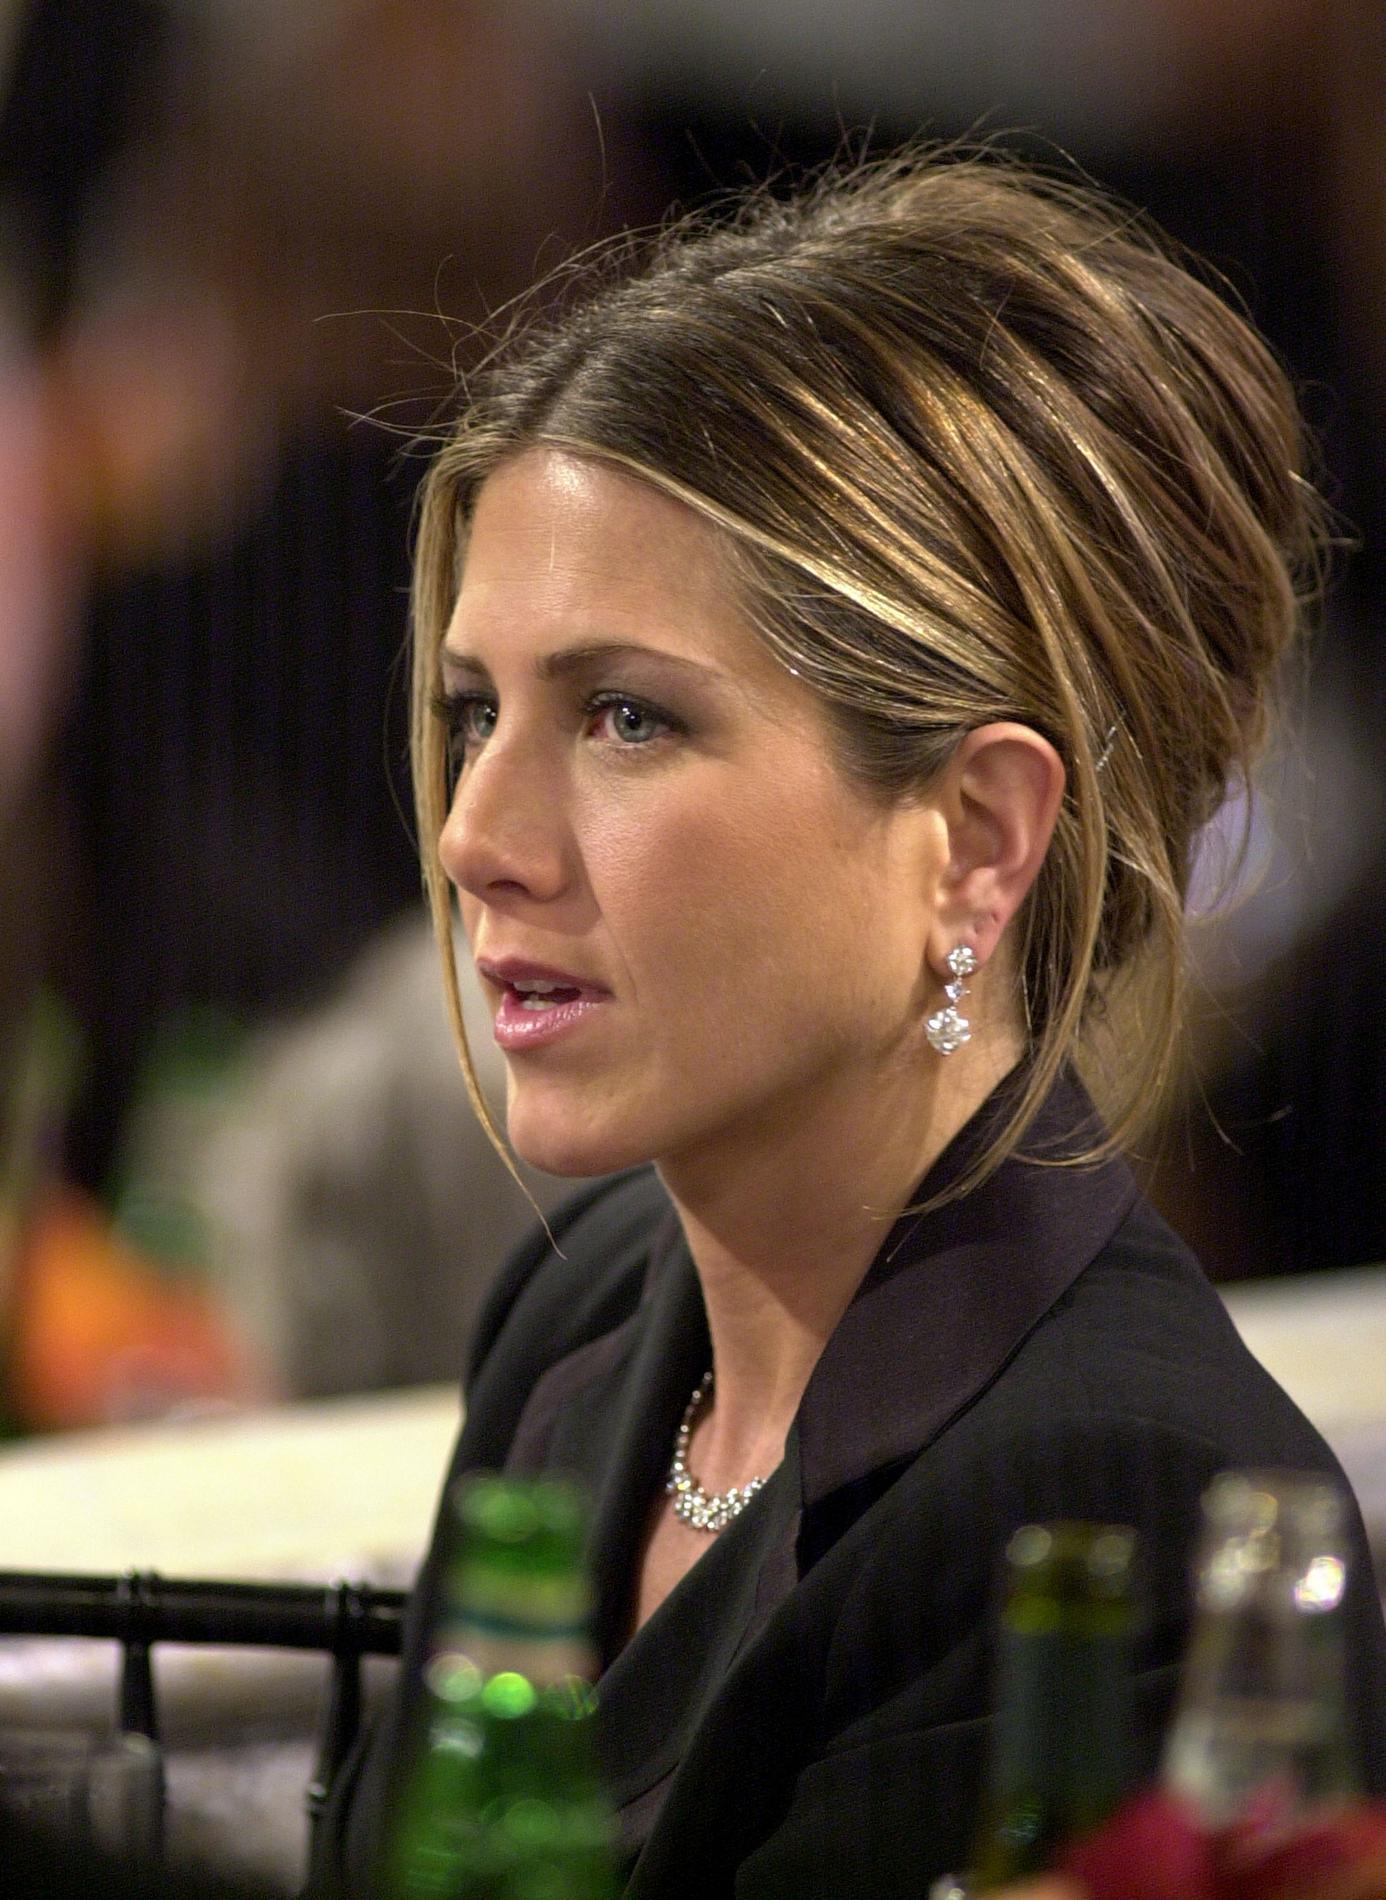 Du carré Rachel au blond californien : retour sur les coiffures cultes de Jennifer Aniston ...